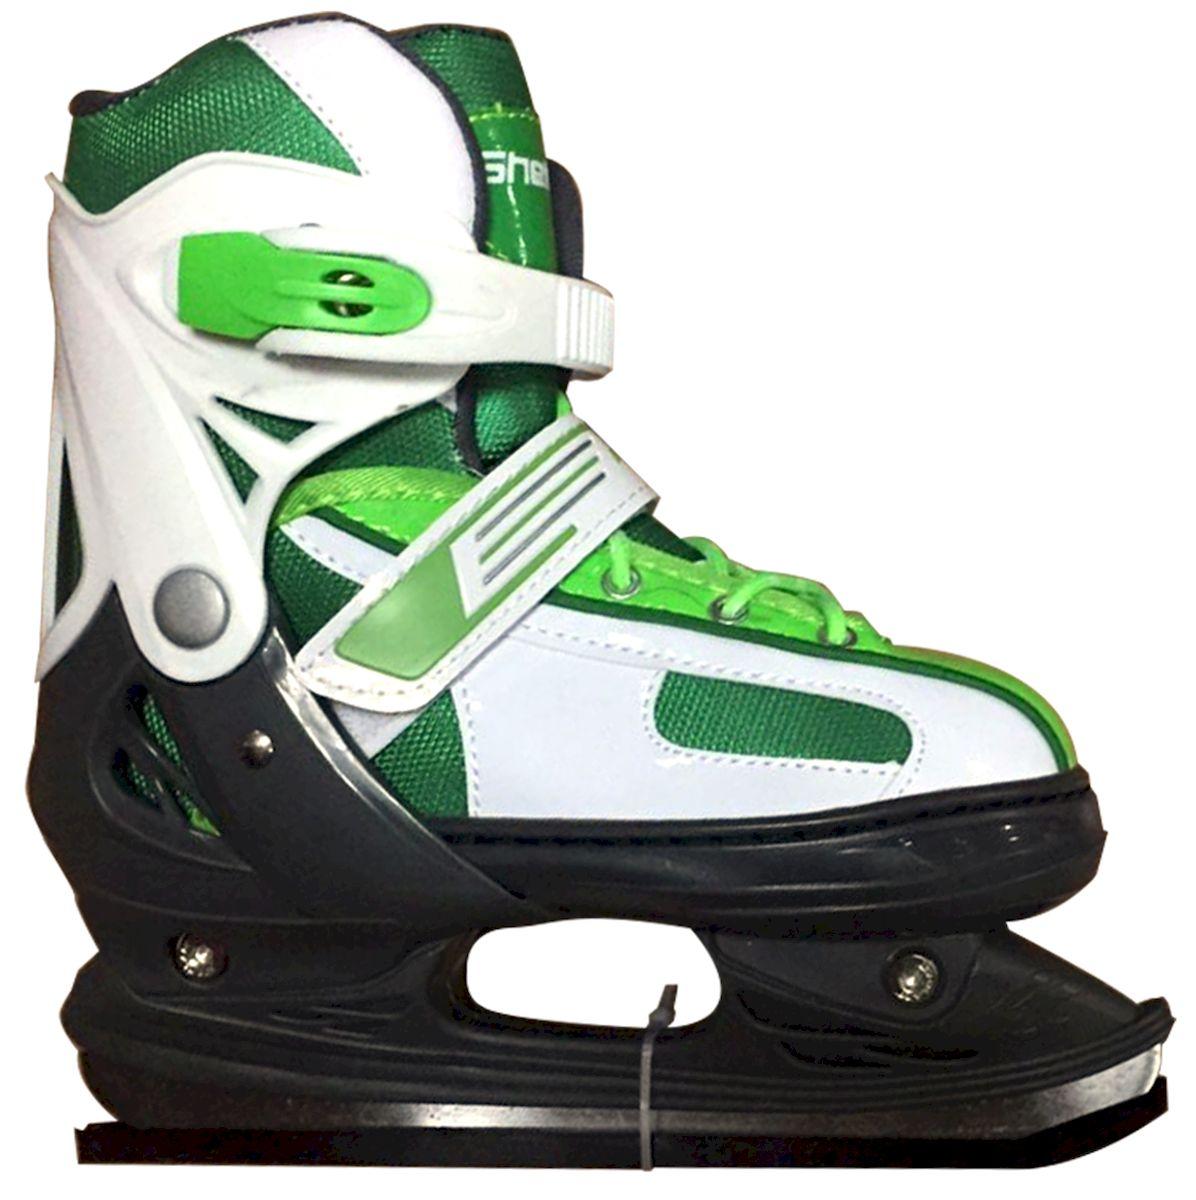 Коньки ледовые Ice Blade Shelby, раздвижные, цвет: черный, зеленый, белый. УТ-00009127. Размер XS (26/29)ASE-611FКоньки раздвижные Shelby - это классические раздвижные коньки от известного бренда Ice Blade, которые предназначены для детей и подростков, а также для тех, кто делает первые шаги в катании на льду.Ботинок изготовлен из морозоустойчивого пластика. Внутренняя поверхность из мягкого и теплого текстиля обеспечивает комфорт во время движения. Лезвие выполнено из высокоуглеродистой стали с покрытием из никеля. Пластиковая клипса с фиксатором, хлястик на липучке и шнуровка надежно фиксируют голеностоп. Конструкция коньков позволяет быстро и точно изменять их размер. Яркий молодежный дизайн, теплый внутренний сапожок, удобная трехуровневая система фиксации ноги, легкая смена размера, надежная защита пятки и носка - все это бесспорные преимущества модели. Коньки поставляются с заводской заточкой лезвия, что позволяет сразу приступить к катанию и не тратить денег на заточку. Предназначены для использования на открытом и закрытом льду.